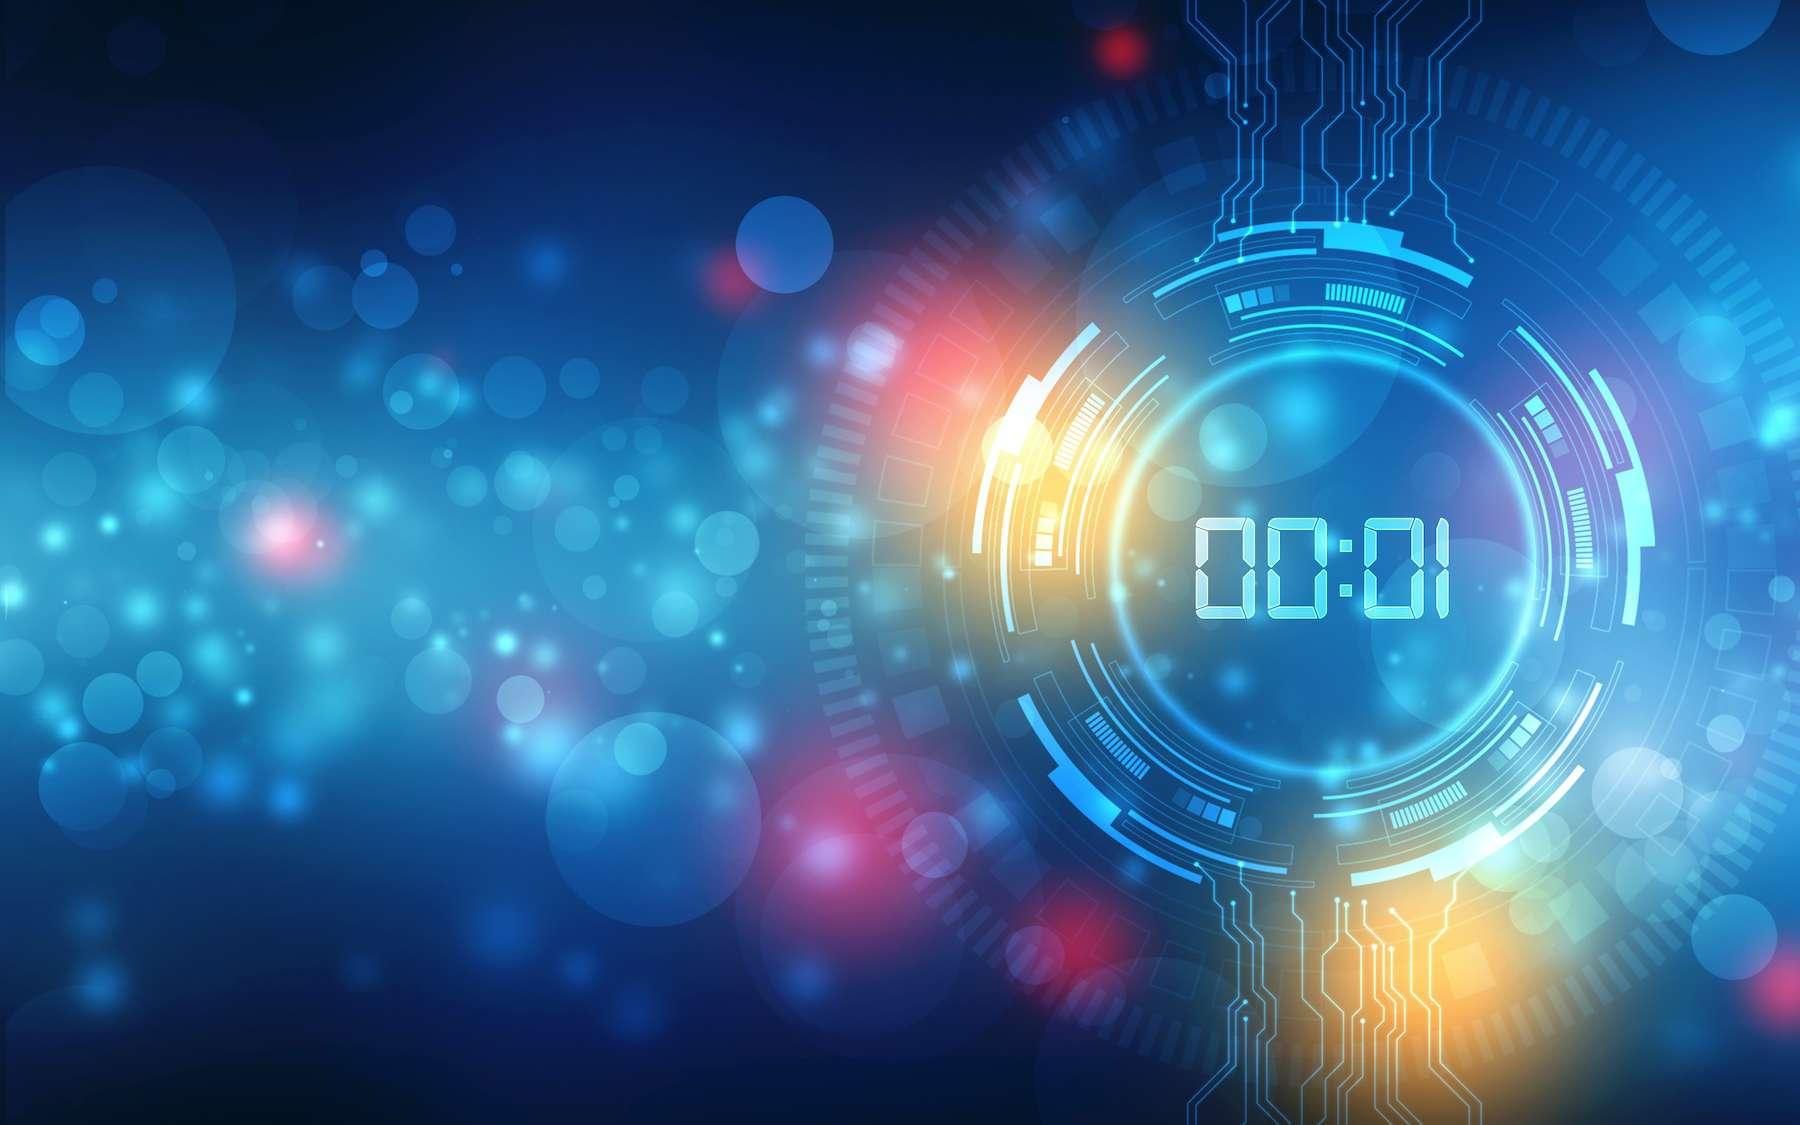 La zeptoseconde : le temps le plus court jamais mesuré. © blackboard, Adobe Stock